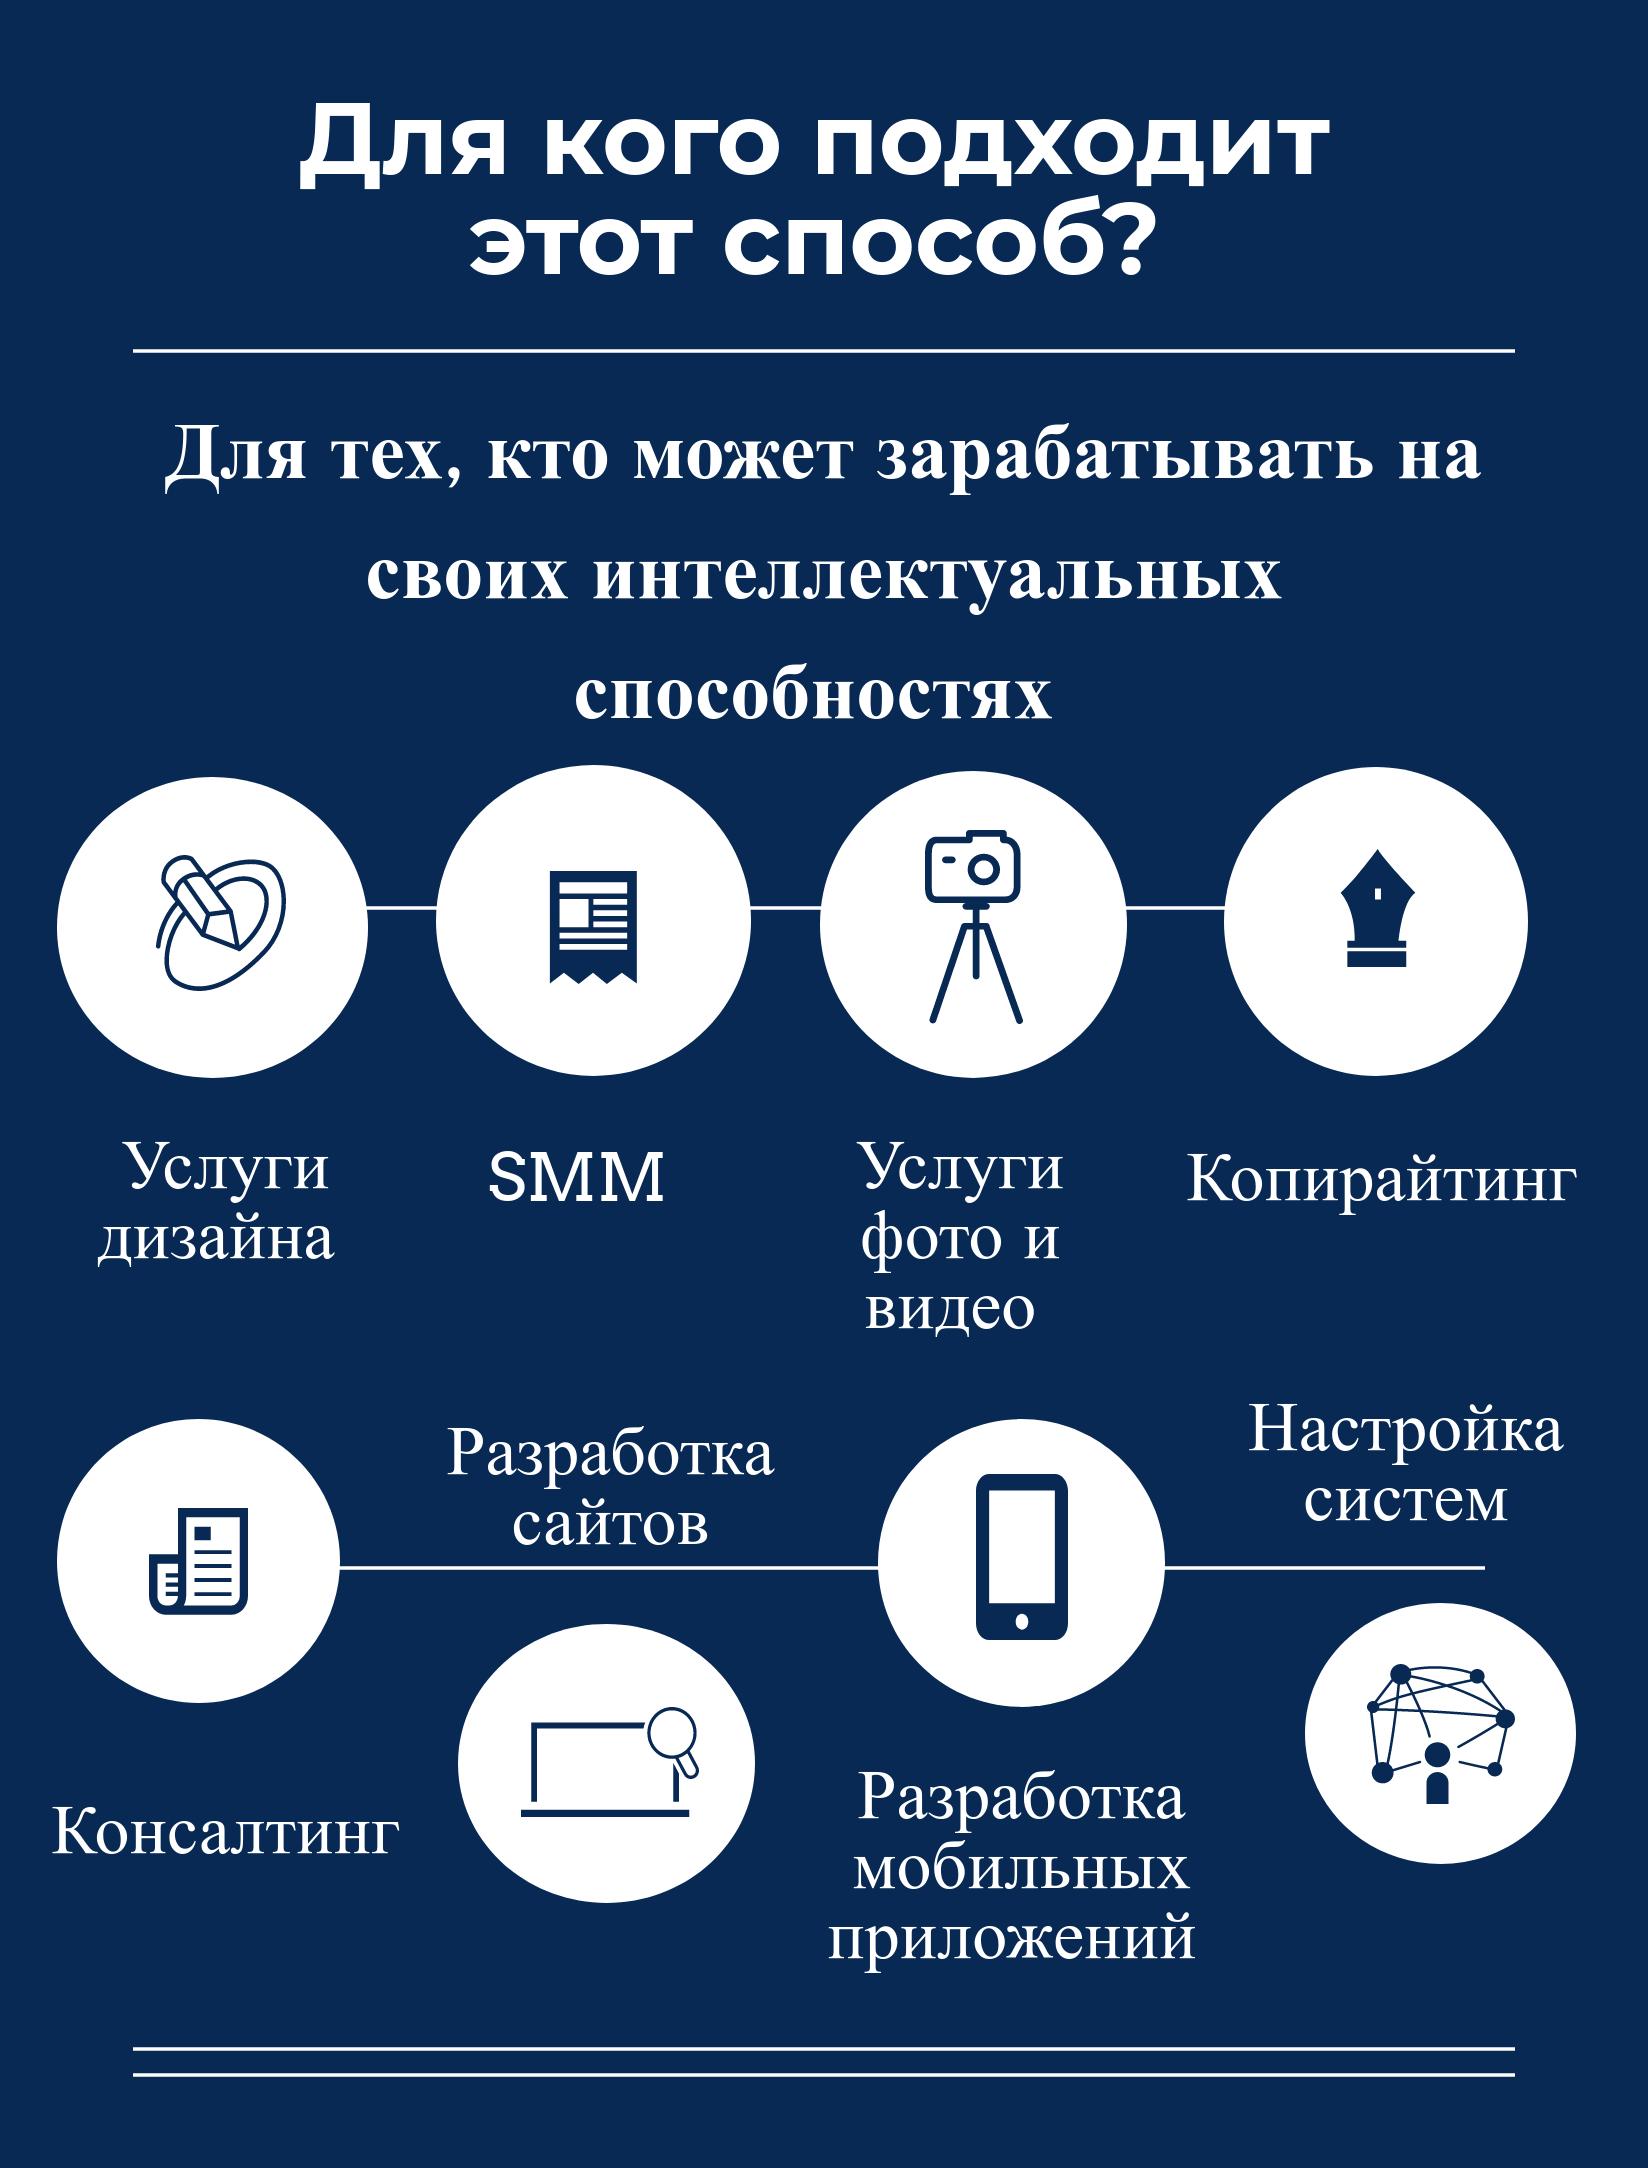 Бизнес план для кыргызстана бизнес план подключение интернета